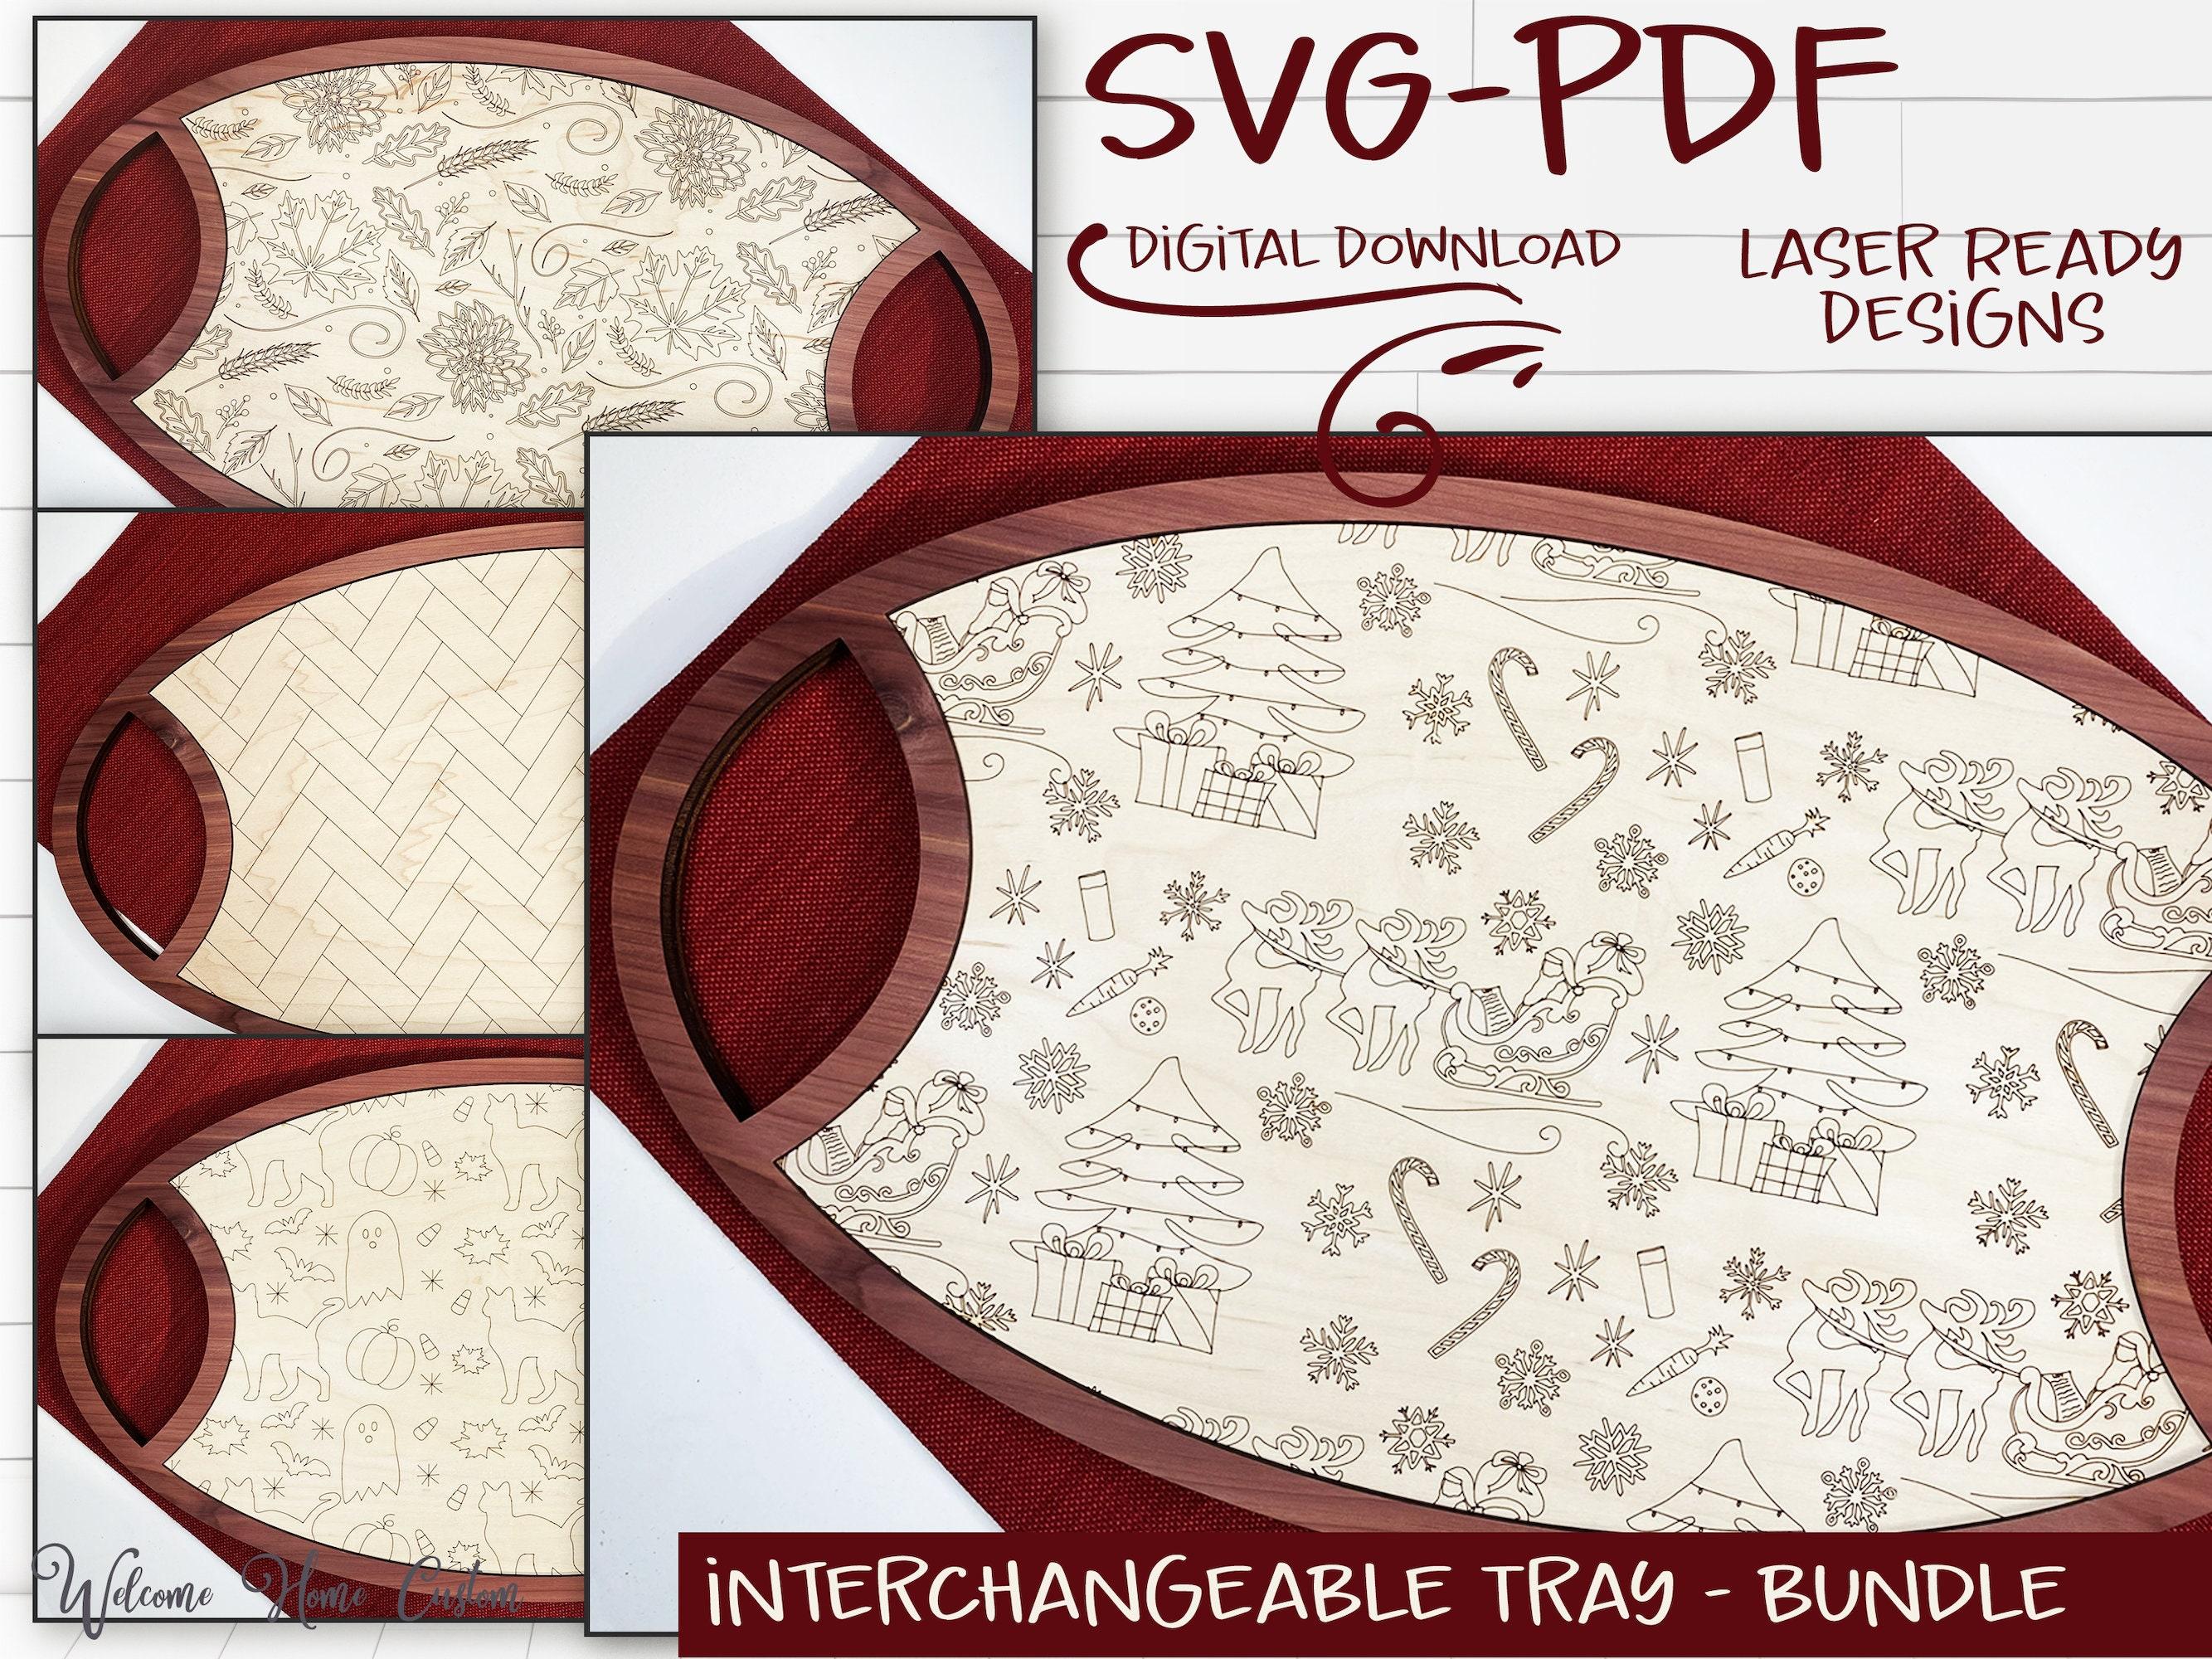 Plateau interchangeable SVG Laser coupé fichiers - modèles pour le 4ème trimestre - Noël Père Noël, chevrons, récolte d'automne, Halloween, SVG PDF numérique